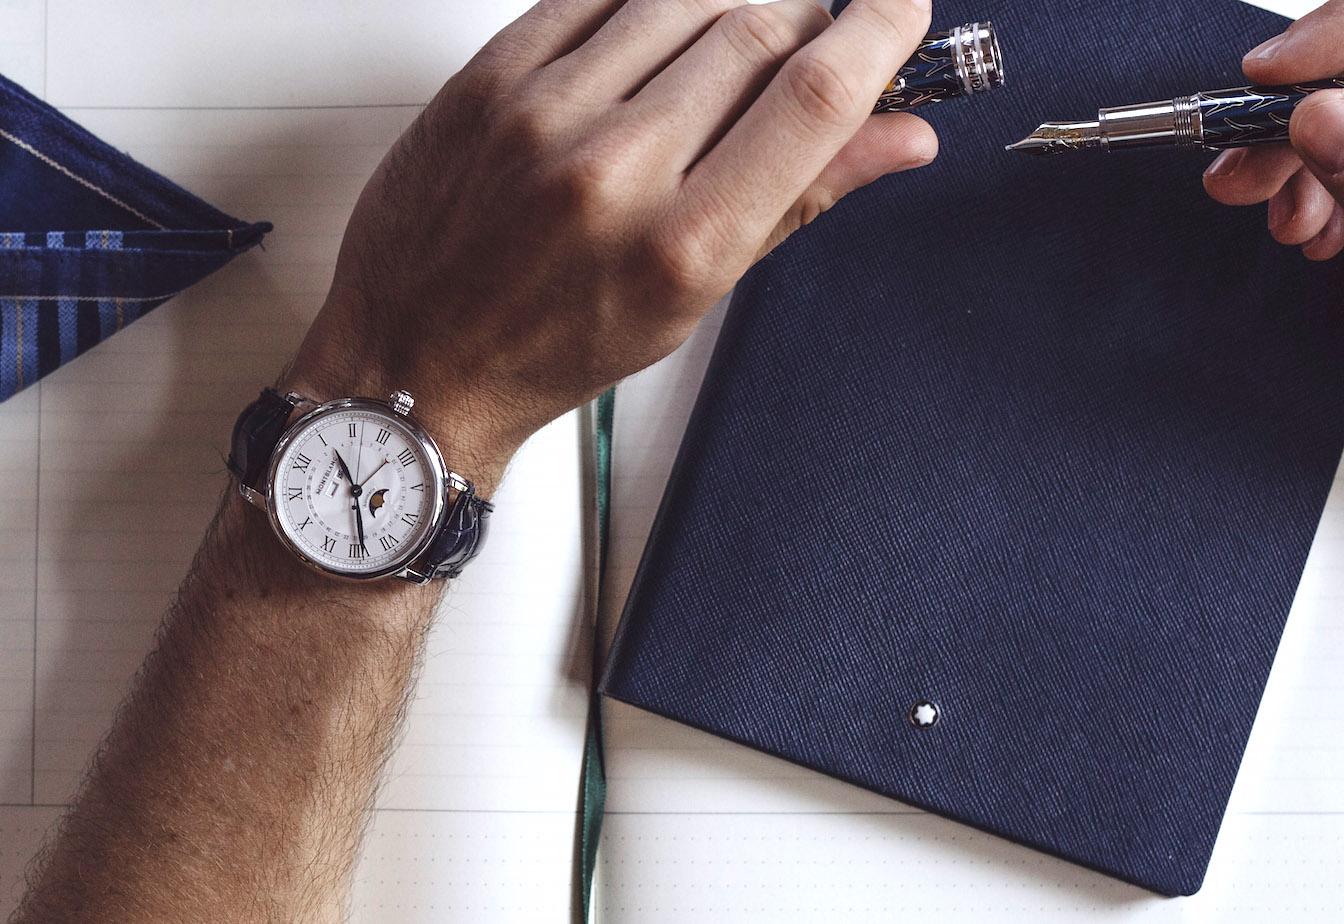 SIHH 2019: Montblanc Star Legacy Full Calendar watch